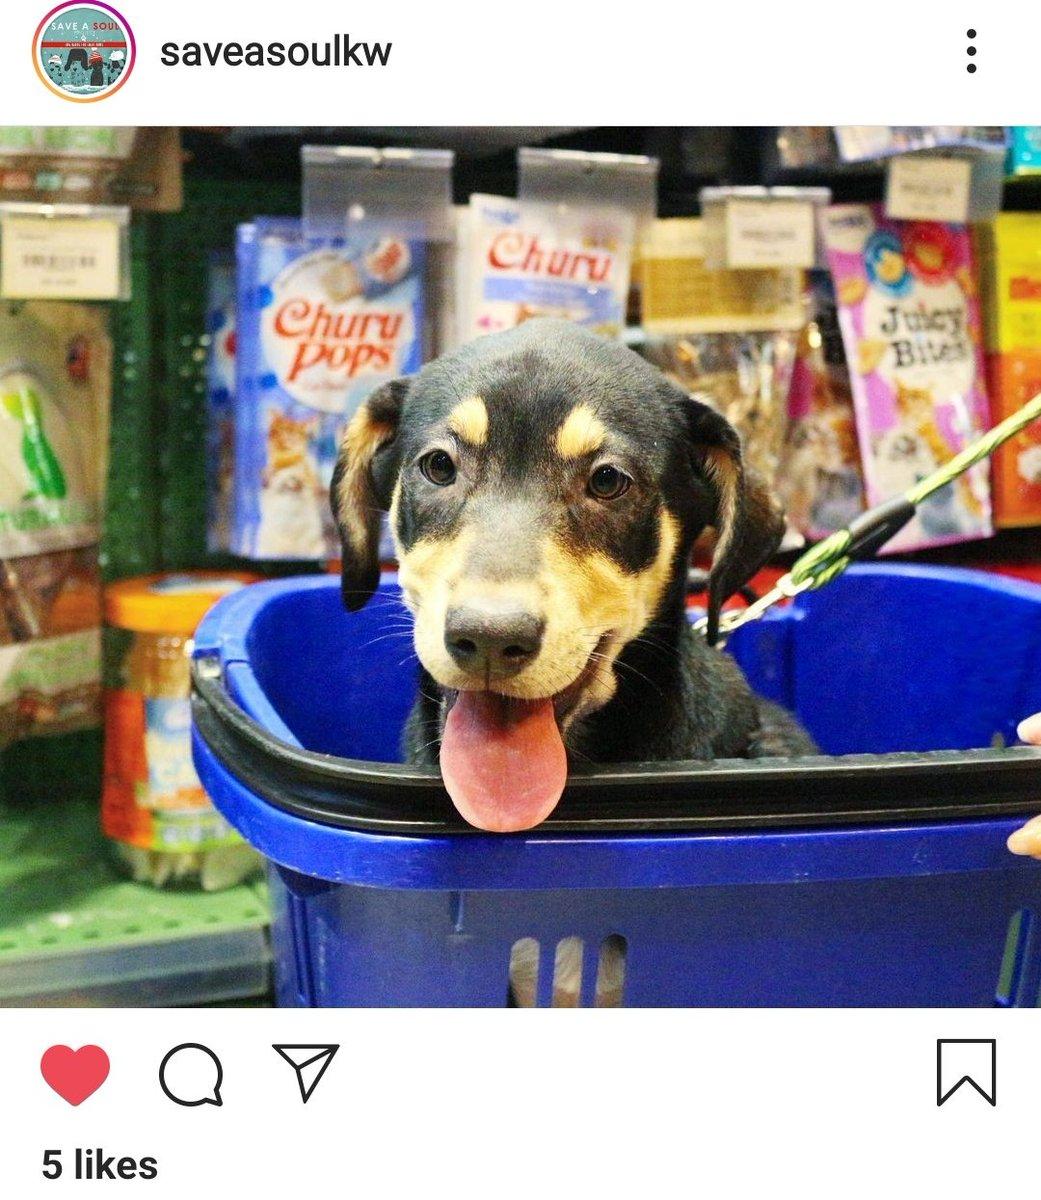 Only 30KD left! 👏👏👏  #canada #kuwait #animals #dosomethingwonderful #dogs #dogsoftwitter #nonprofit #help #2021goals